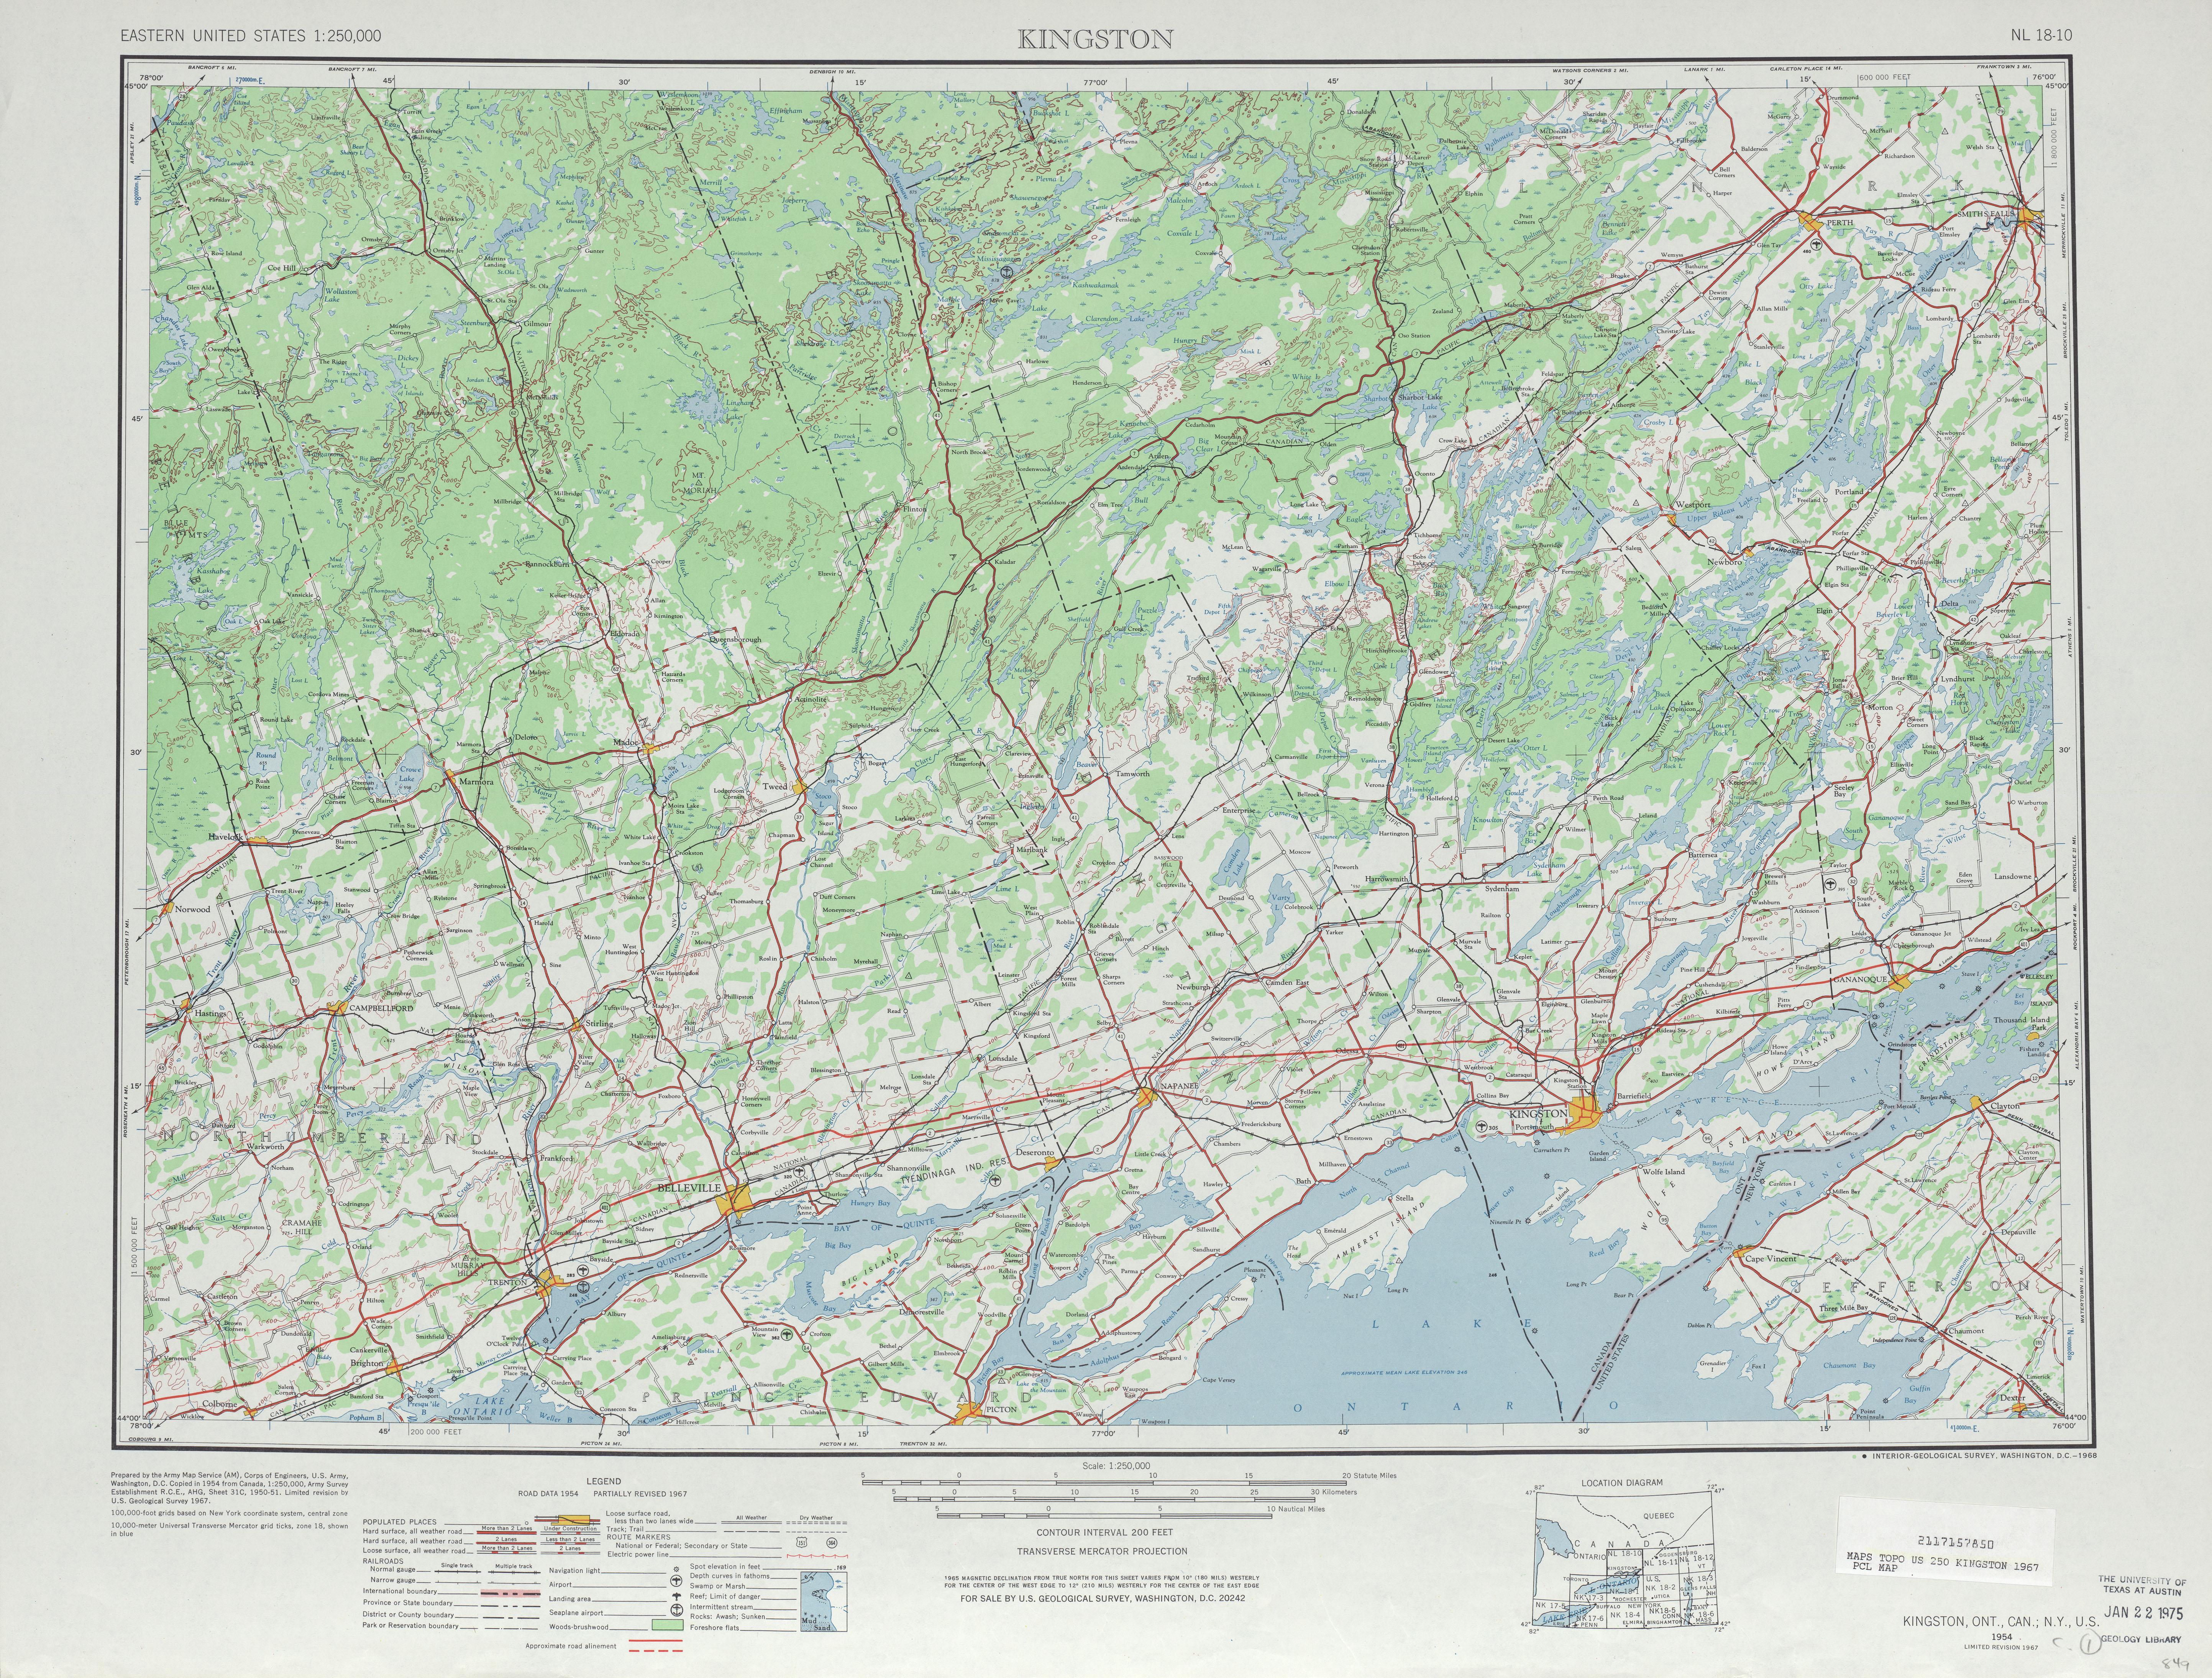 Hoja Kingston del Mapa Topográfico de los Estados Unidos 1967